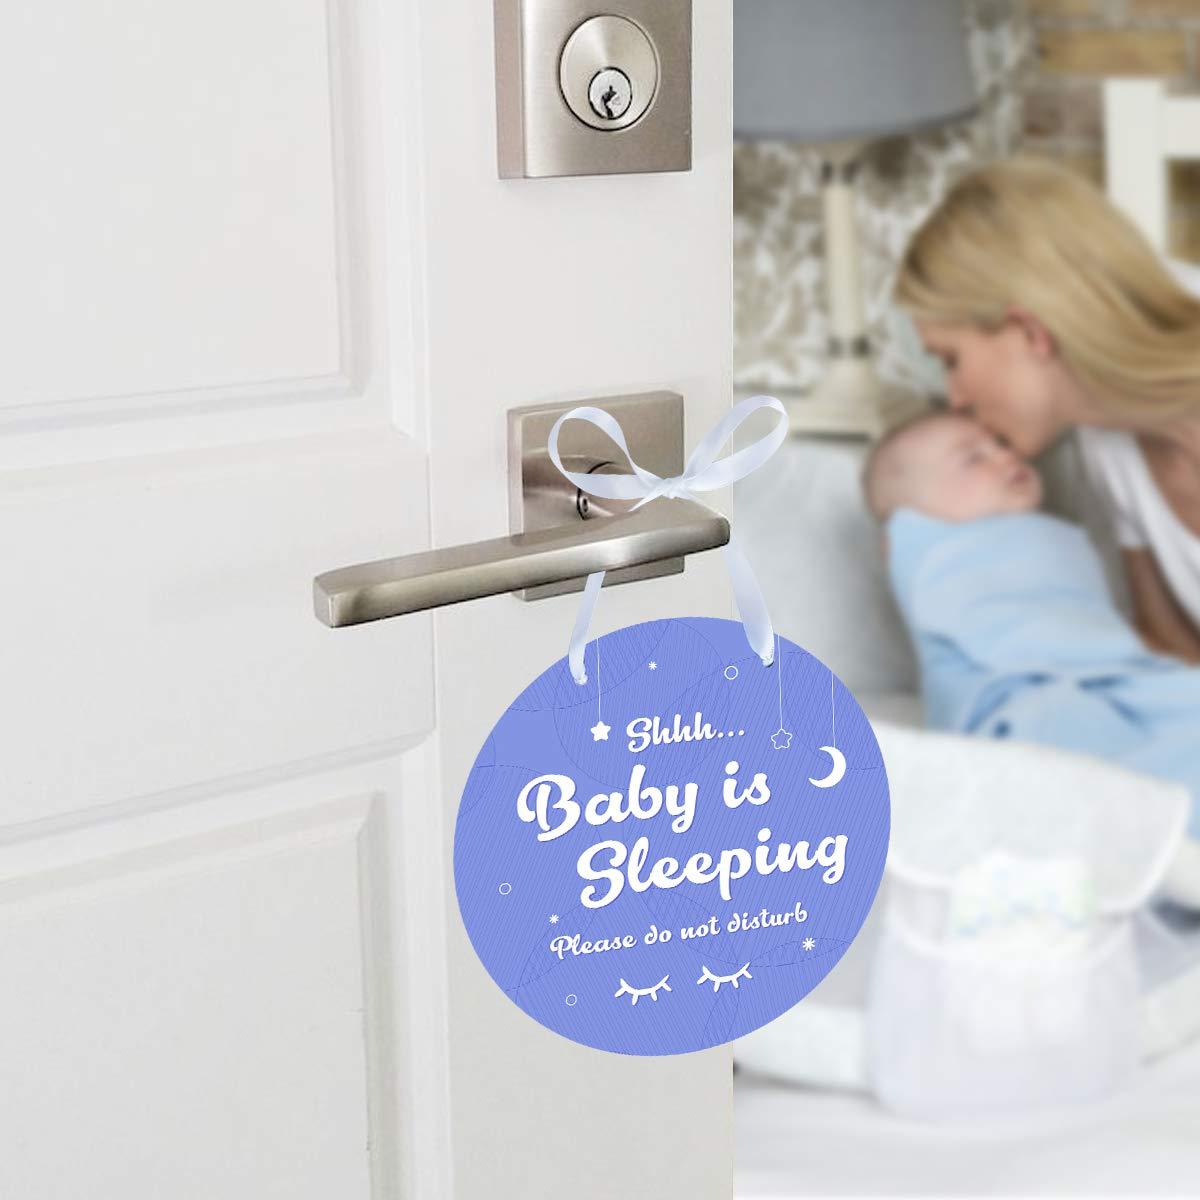 2 Pack Plastic Shhh Baby Sleeping Signs Baby Sleeping Door Hanger Signs Please Do Not Disturb Door Hanger Signs for Baby Sleeping Do Not Disturb Signs Magicfour Baby Sleeping Signs